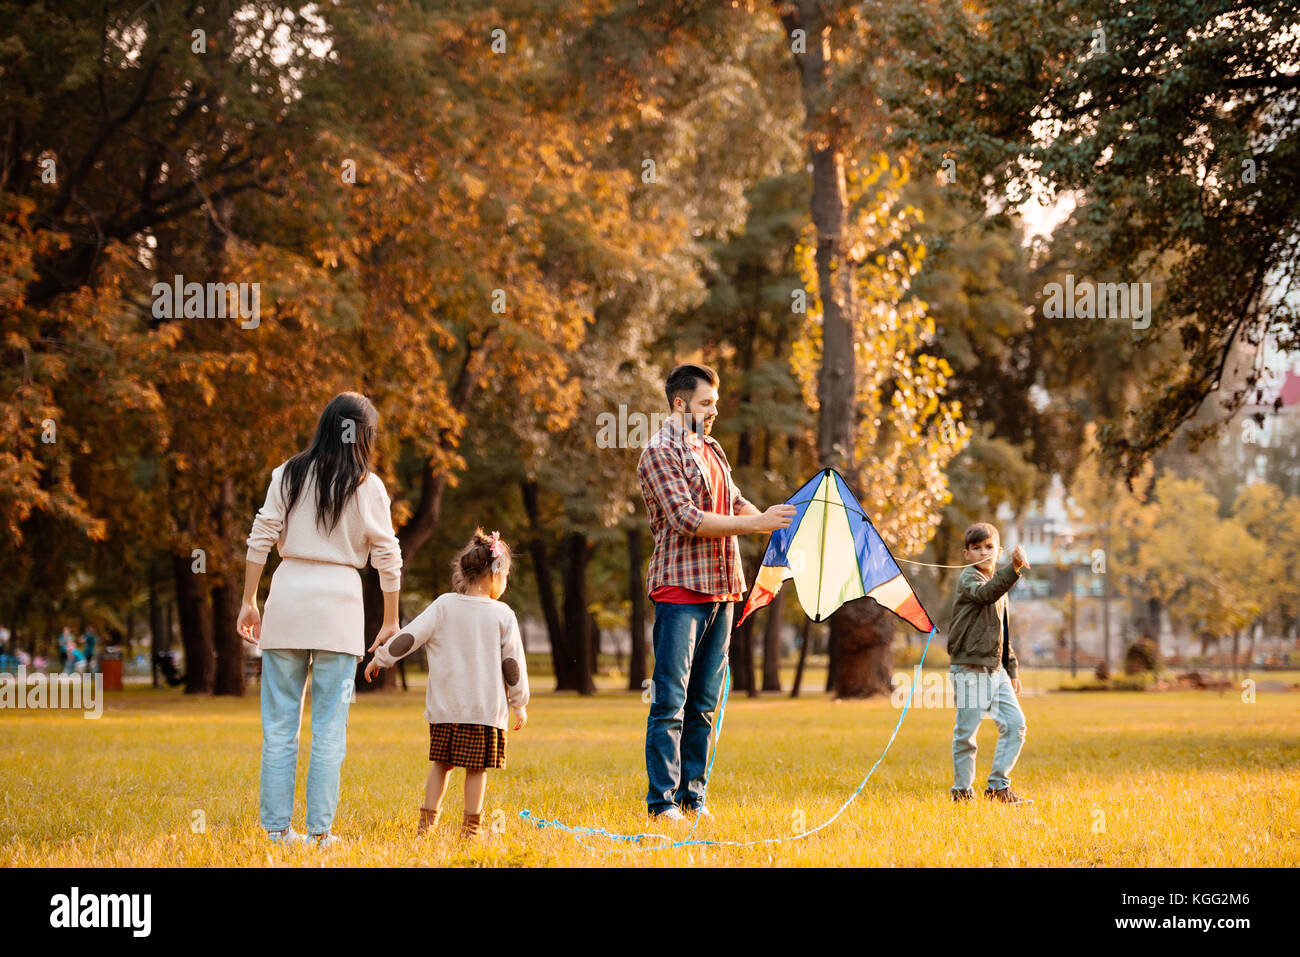 Family flying kite in park - Stock Image